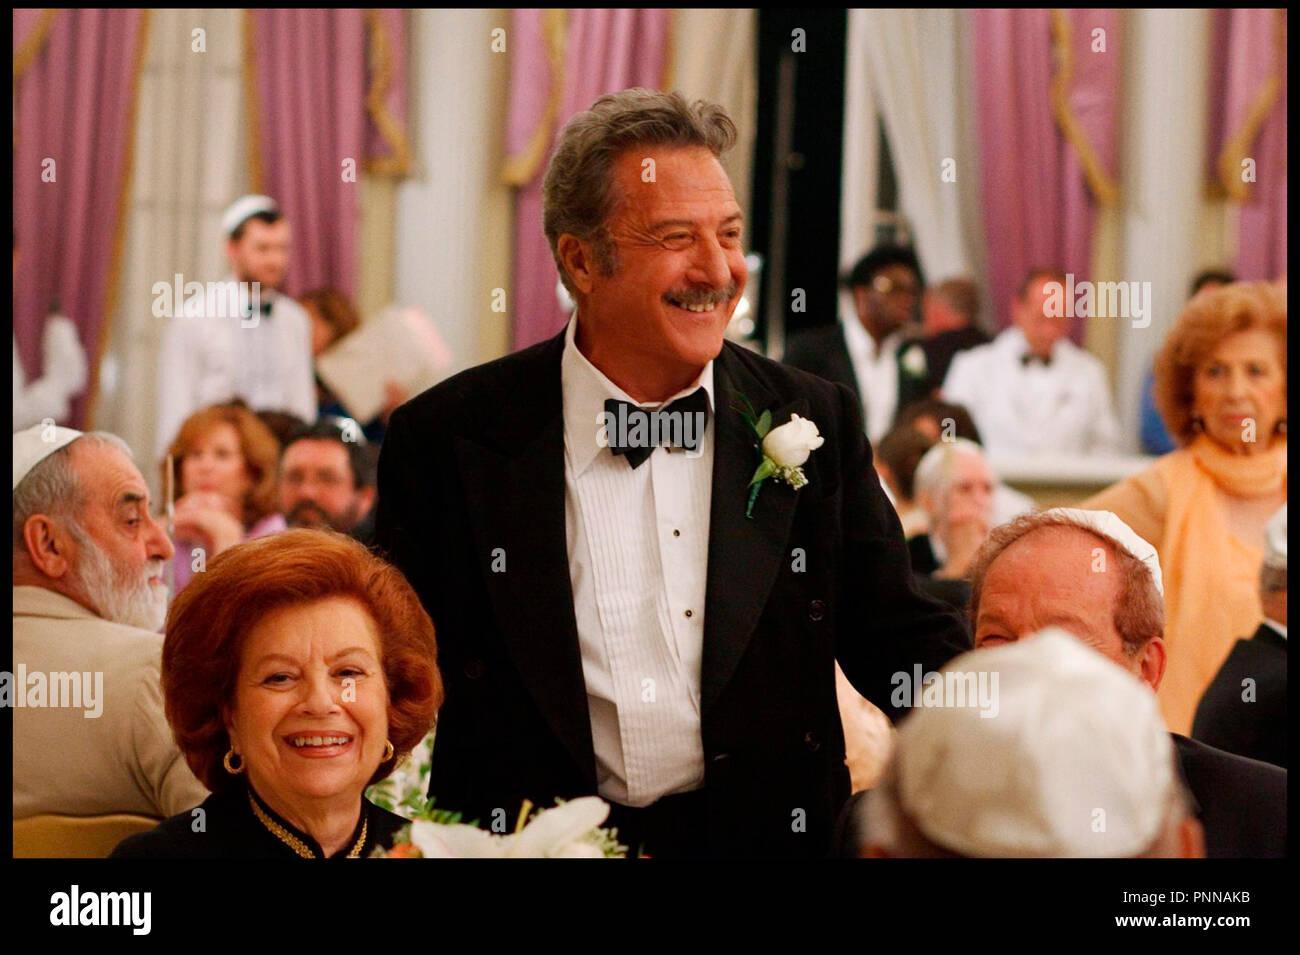 Prod DB © Serendipity Point Films - Fandango / DR LE MONDE DE BARNEY (BARNEY'S VERSION) de Richard J. Lewis 2011 CAN./ITA. avec Dustin Hoffman mariage juif d'apres le roman de Mordecai Richler - Stock Image